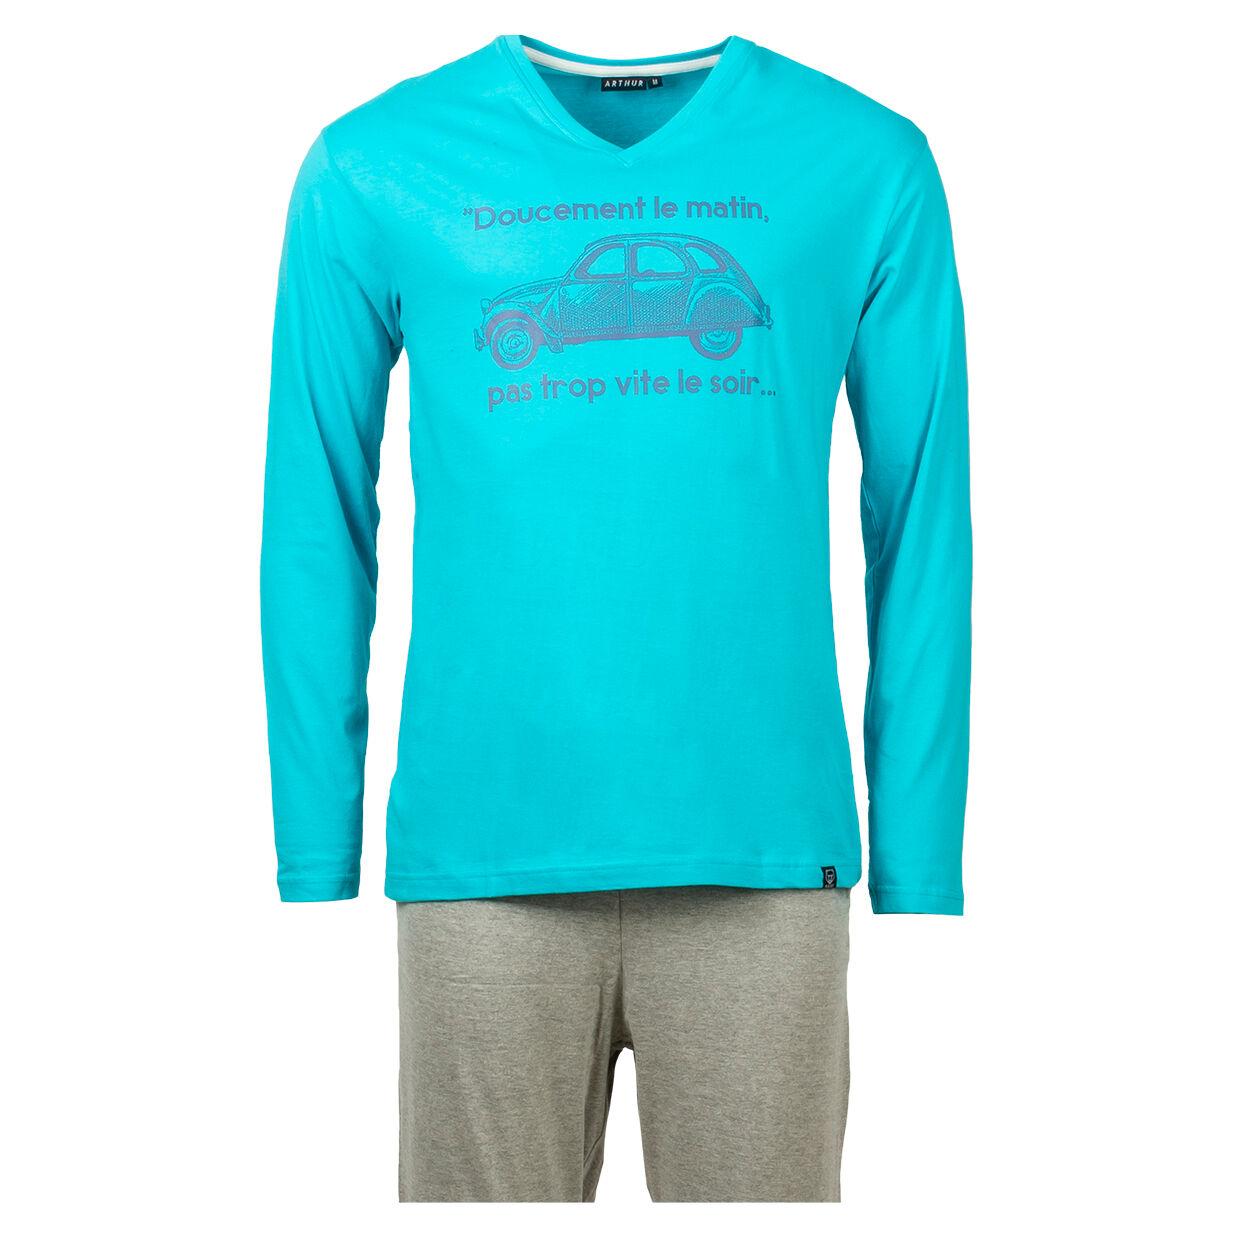 Arthur Pyjama court Arthur Ulysse en coton bio : tee-shirt manches longues col V bleu azur floqué et pantalon gris - GRIS -